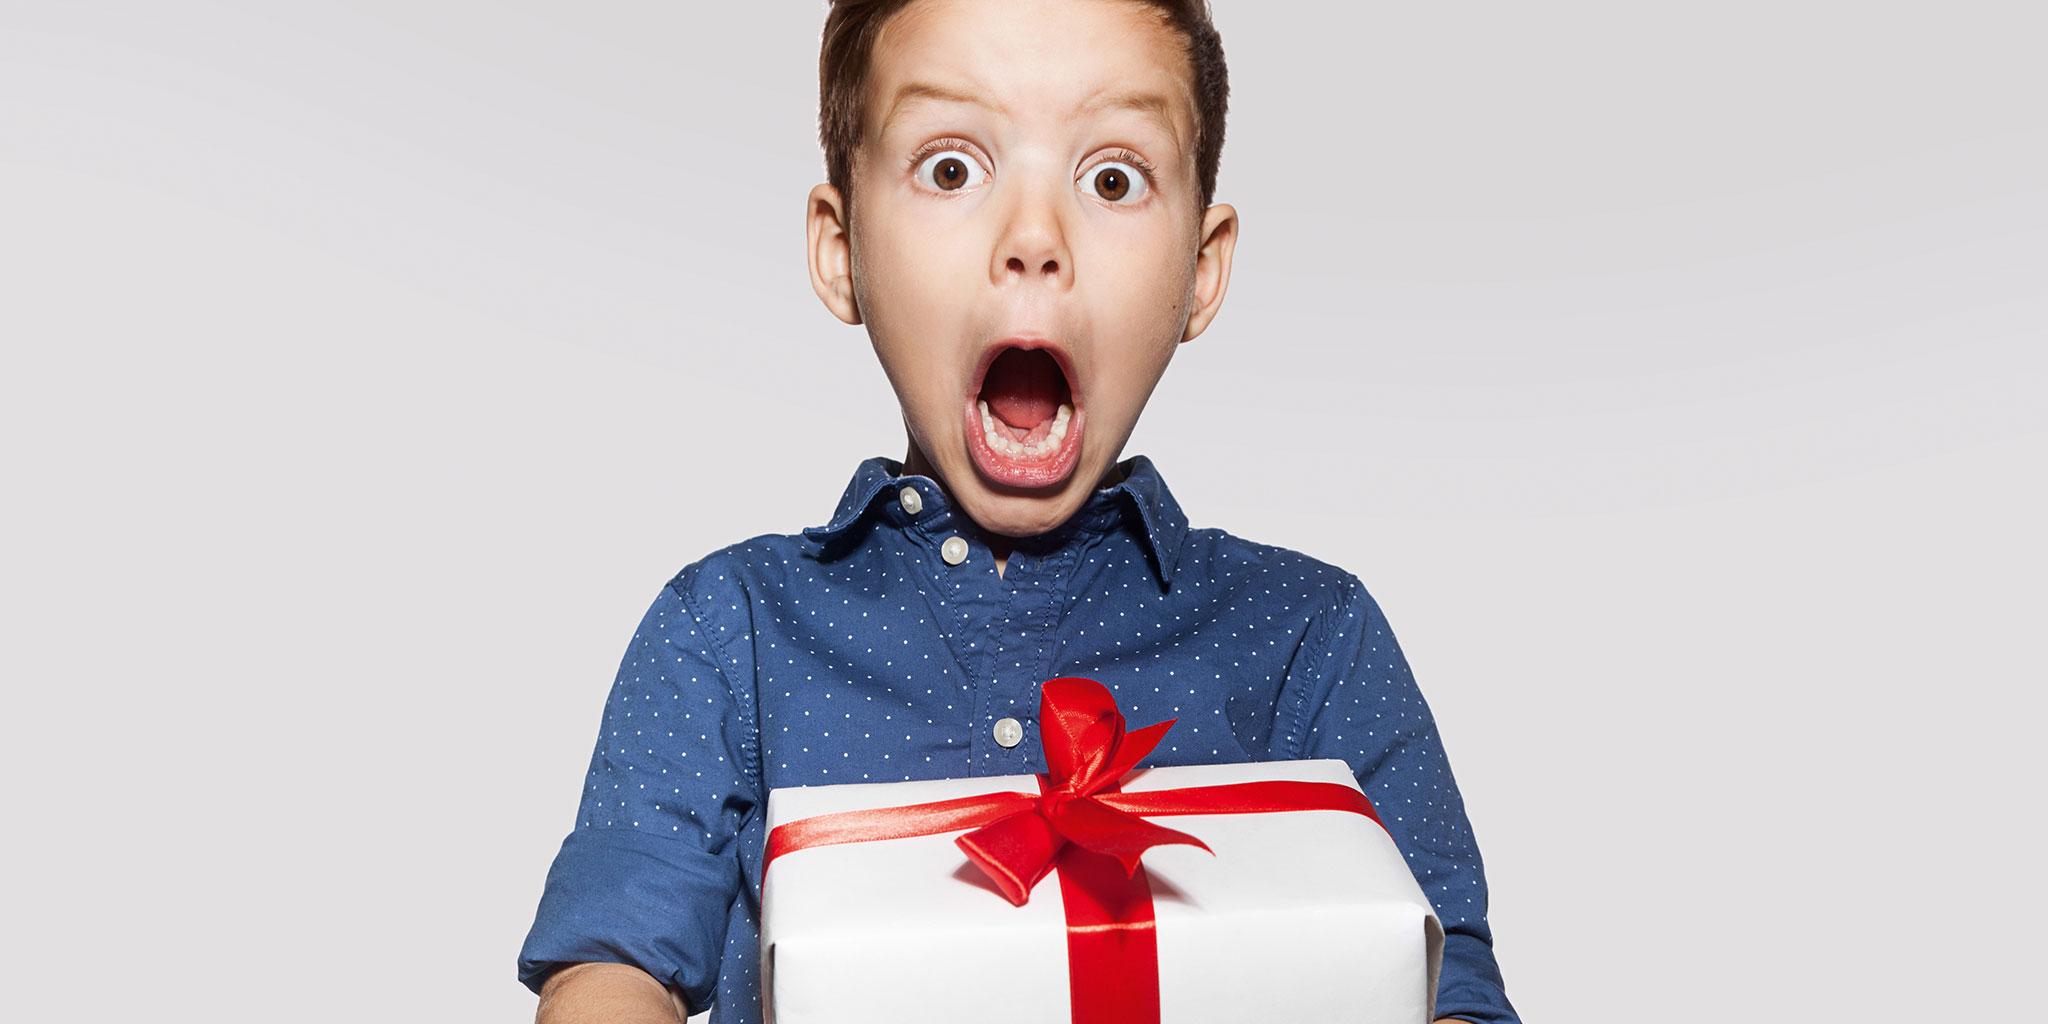 Garçon à bouche ouverte tenant un cadeau de Noël